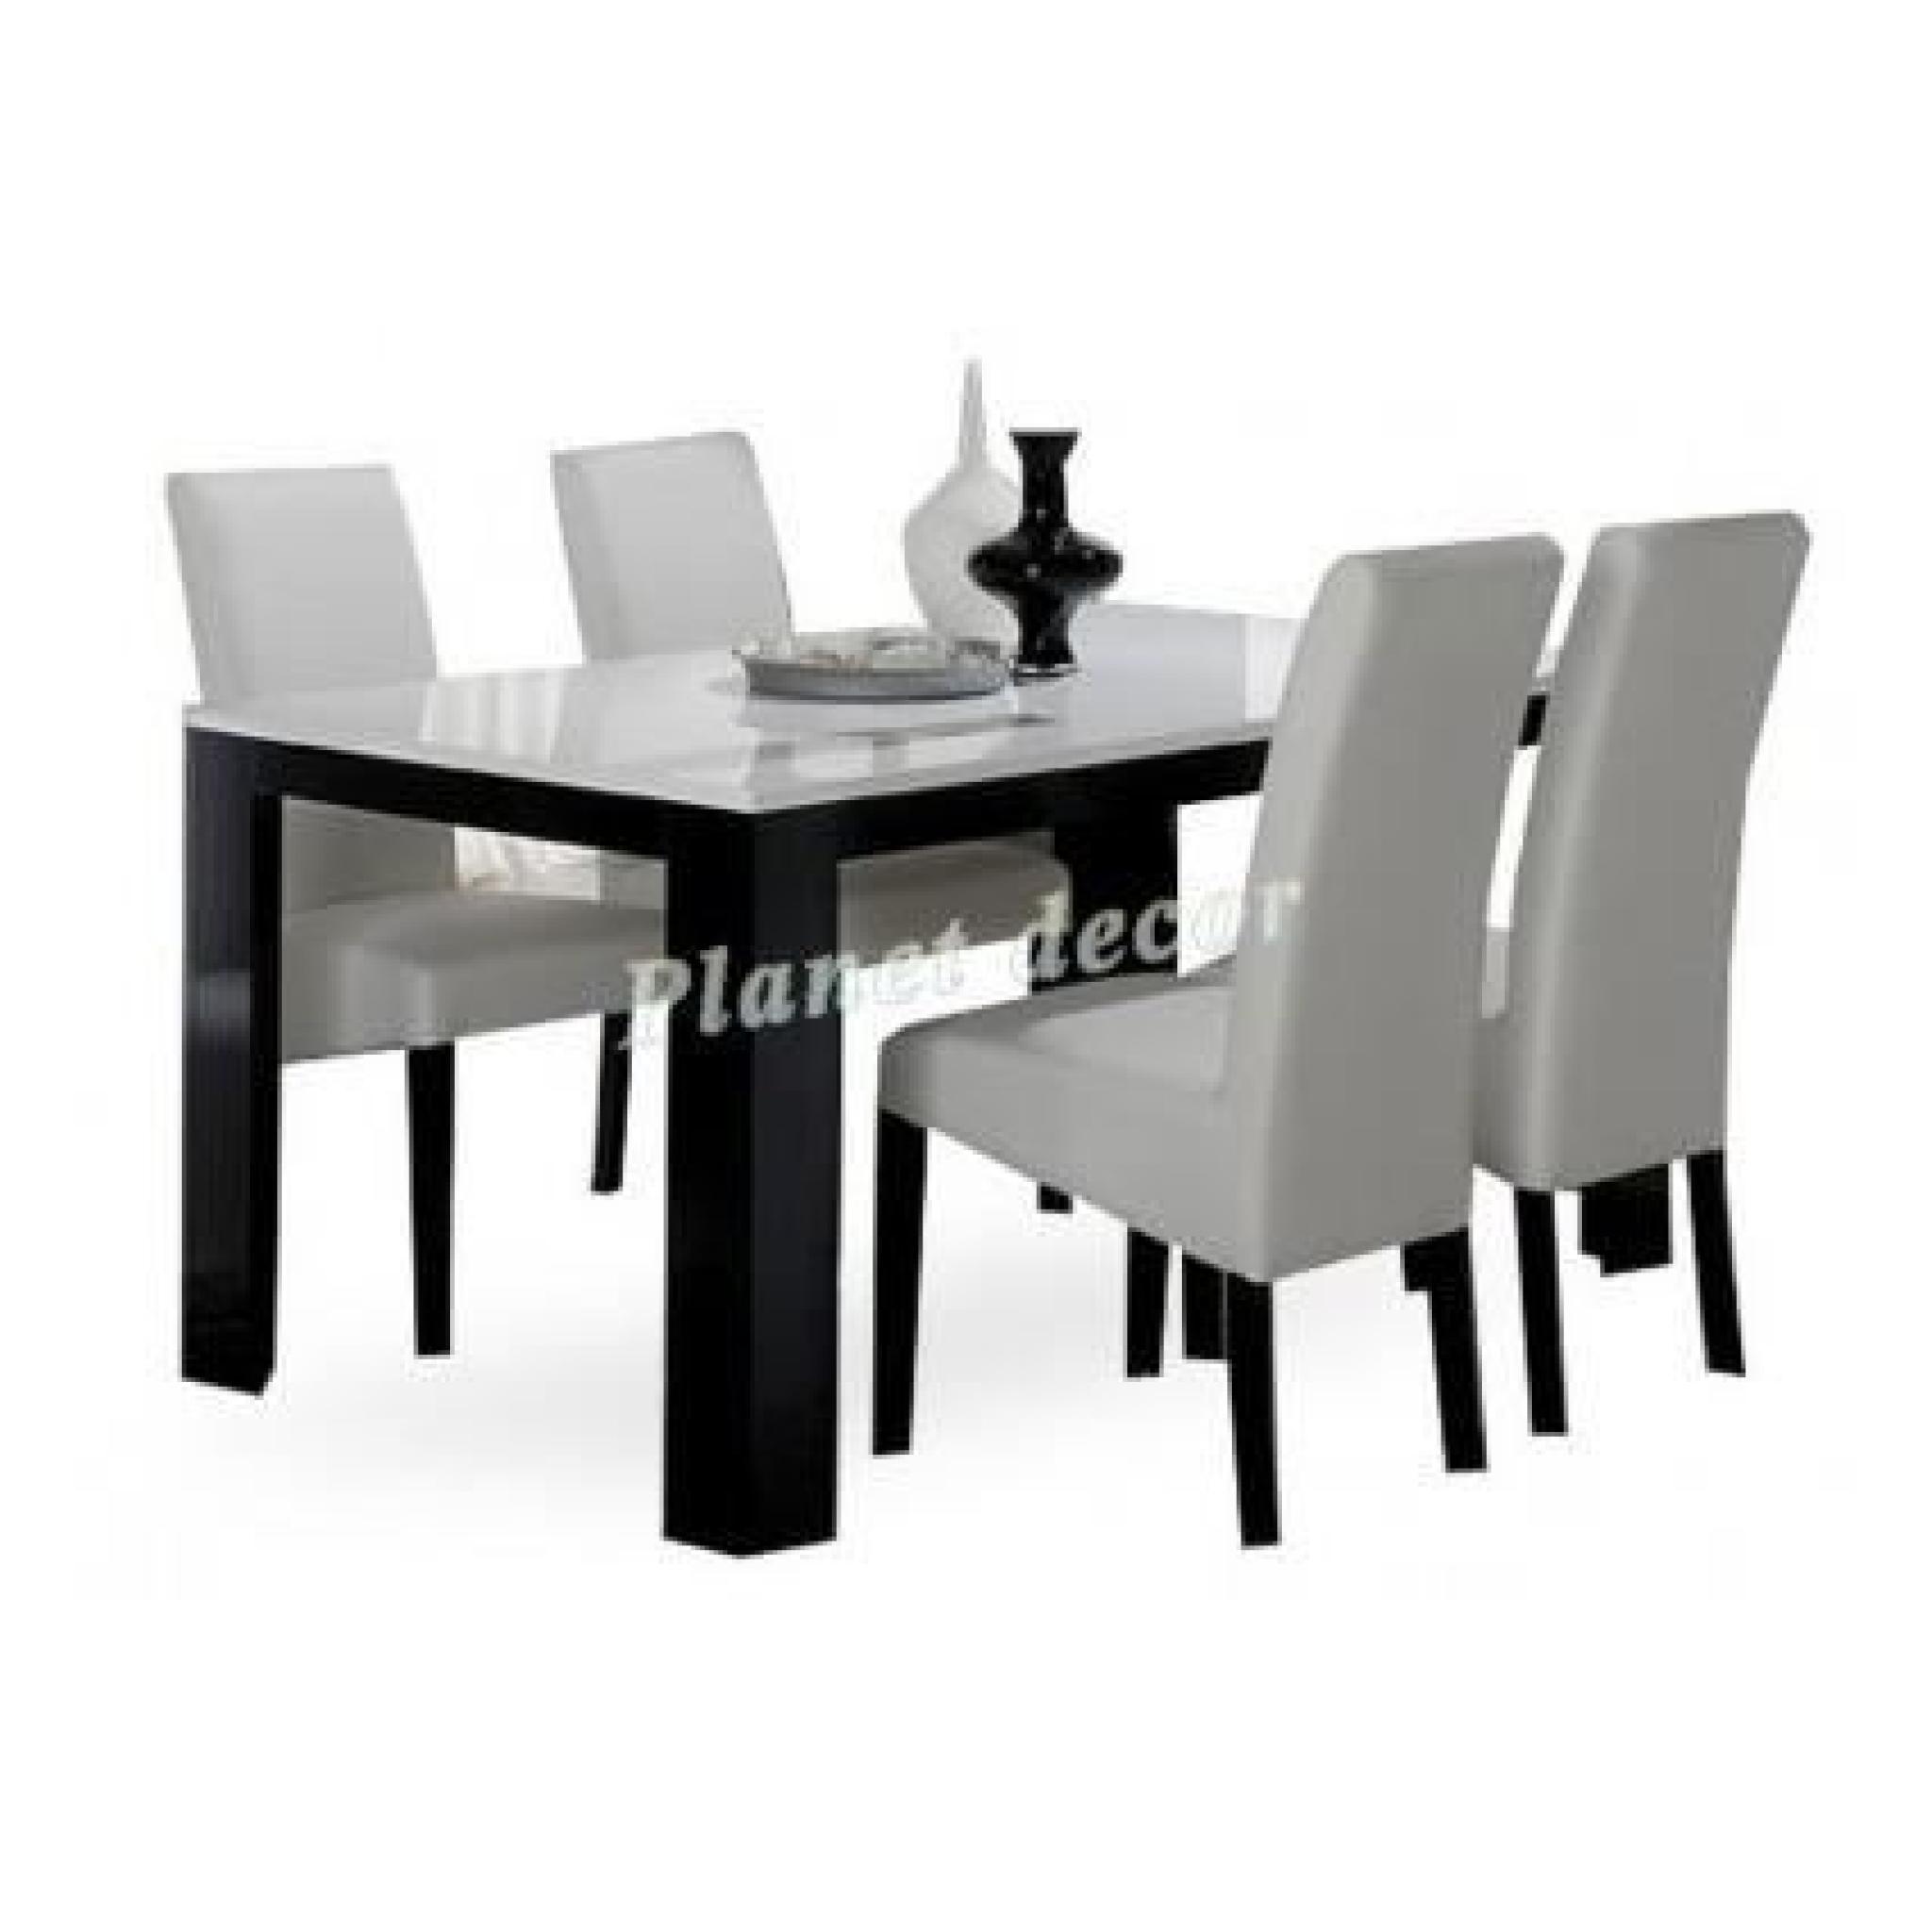 Table salle à manger Model PISA Noir-Blanc L190cm(sans chaises)